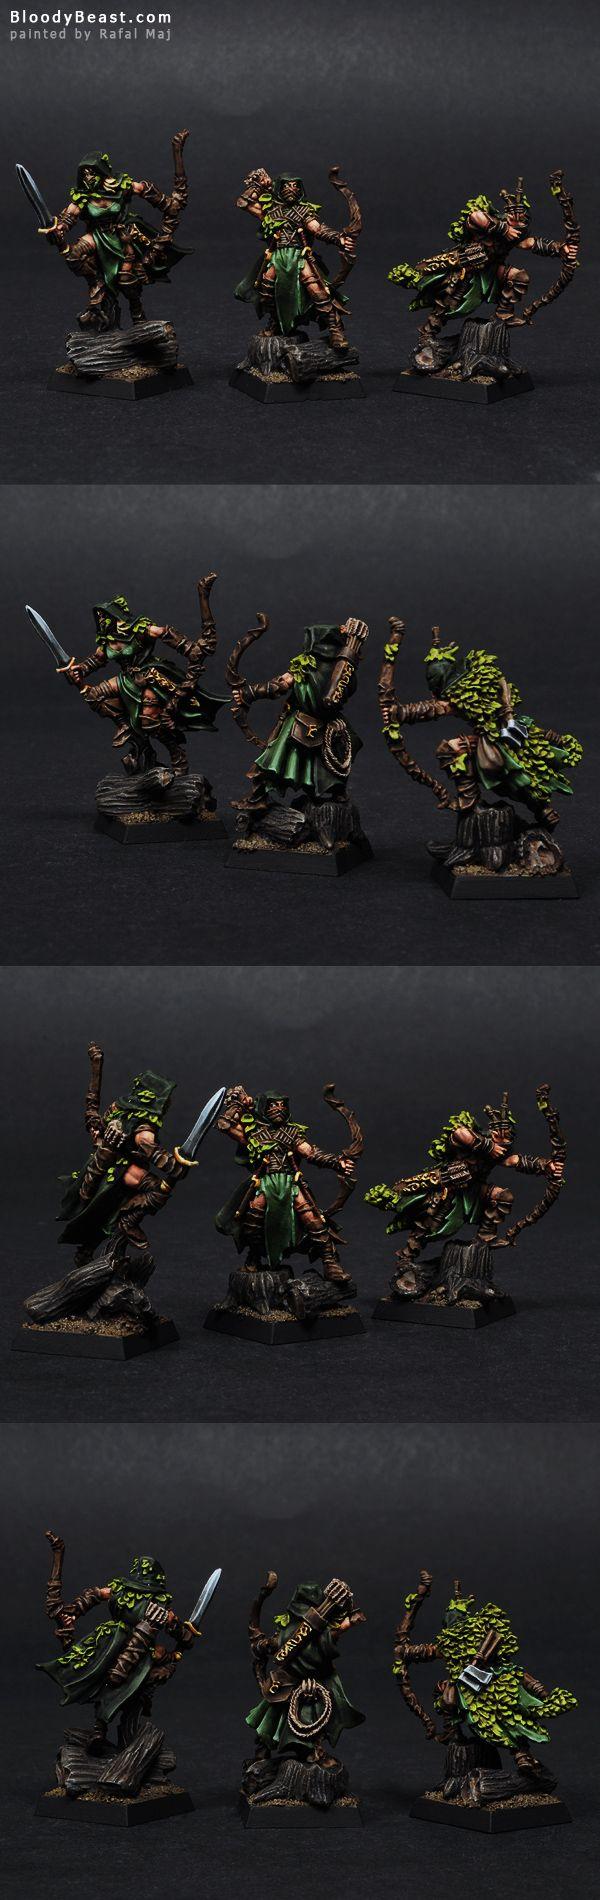 Wood Elves Waywatchers painted by Rafal Maj (BloodyBeast.com)